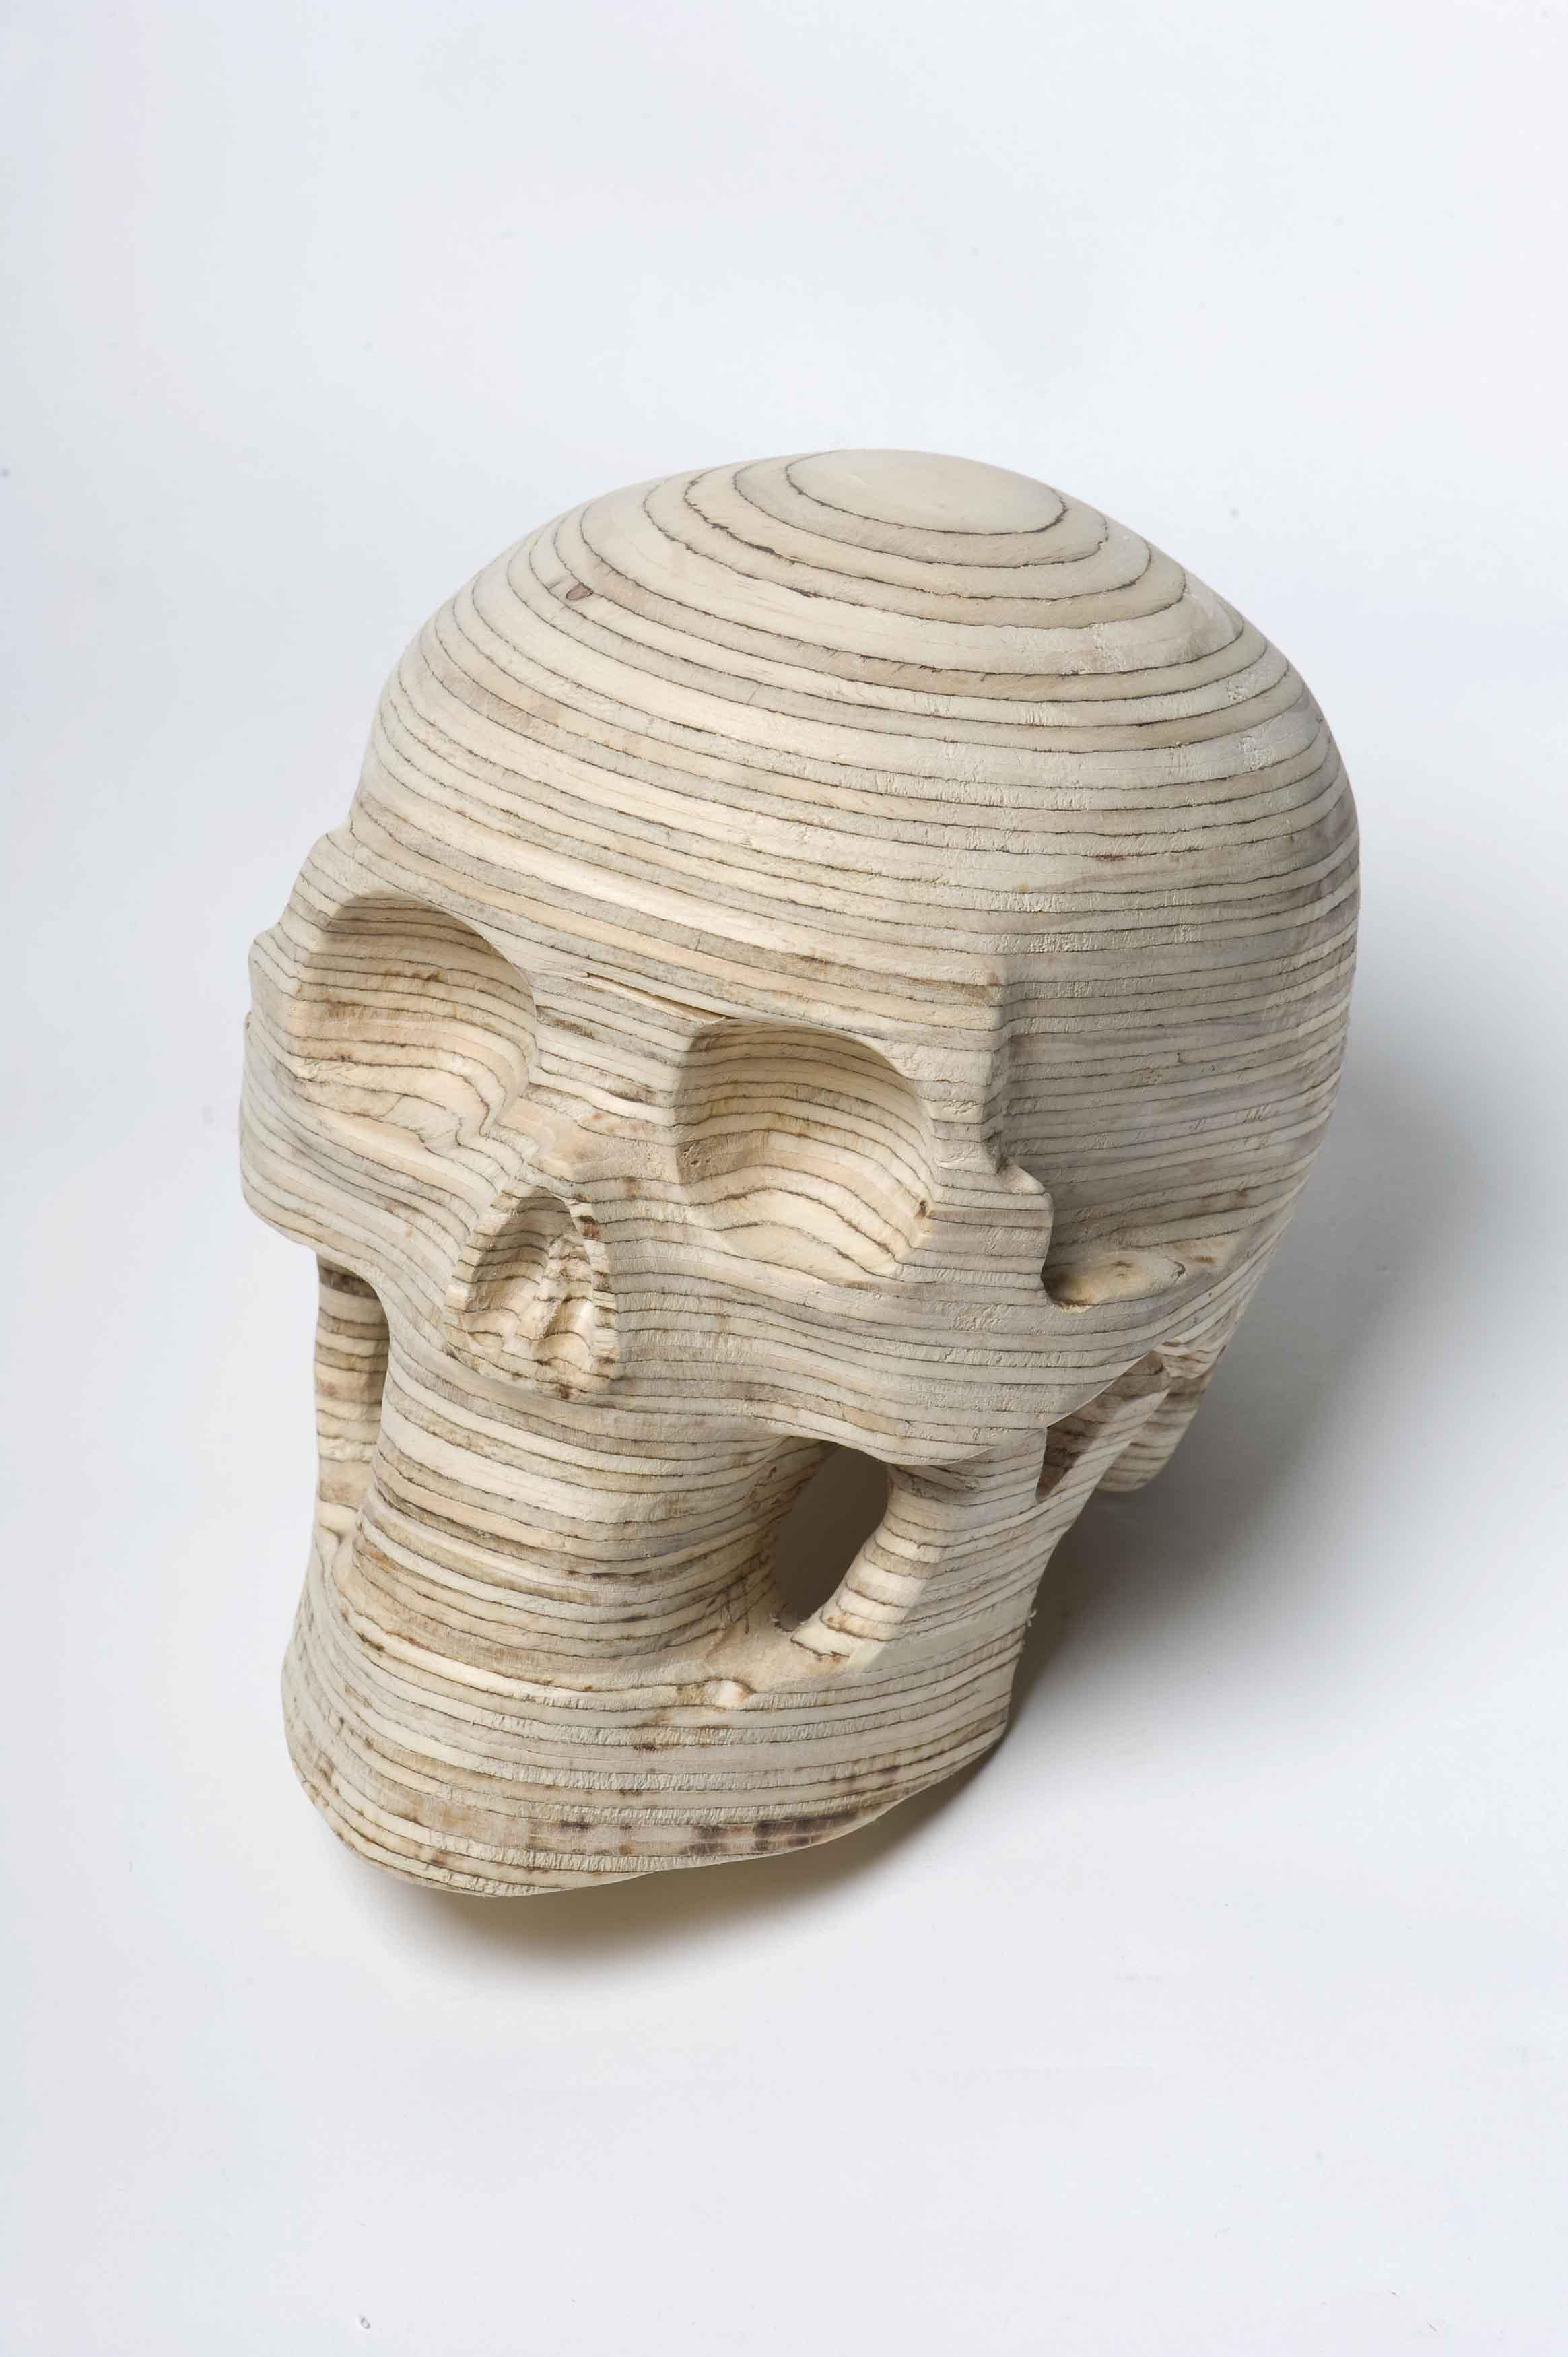 Kent Wilson,  Leaflet 2 , 2012, plywood, 19 x 17 x 20cm